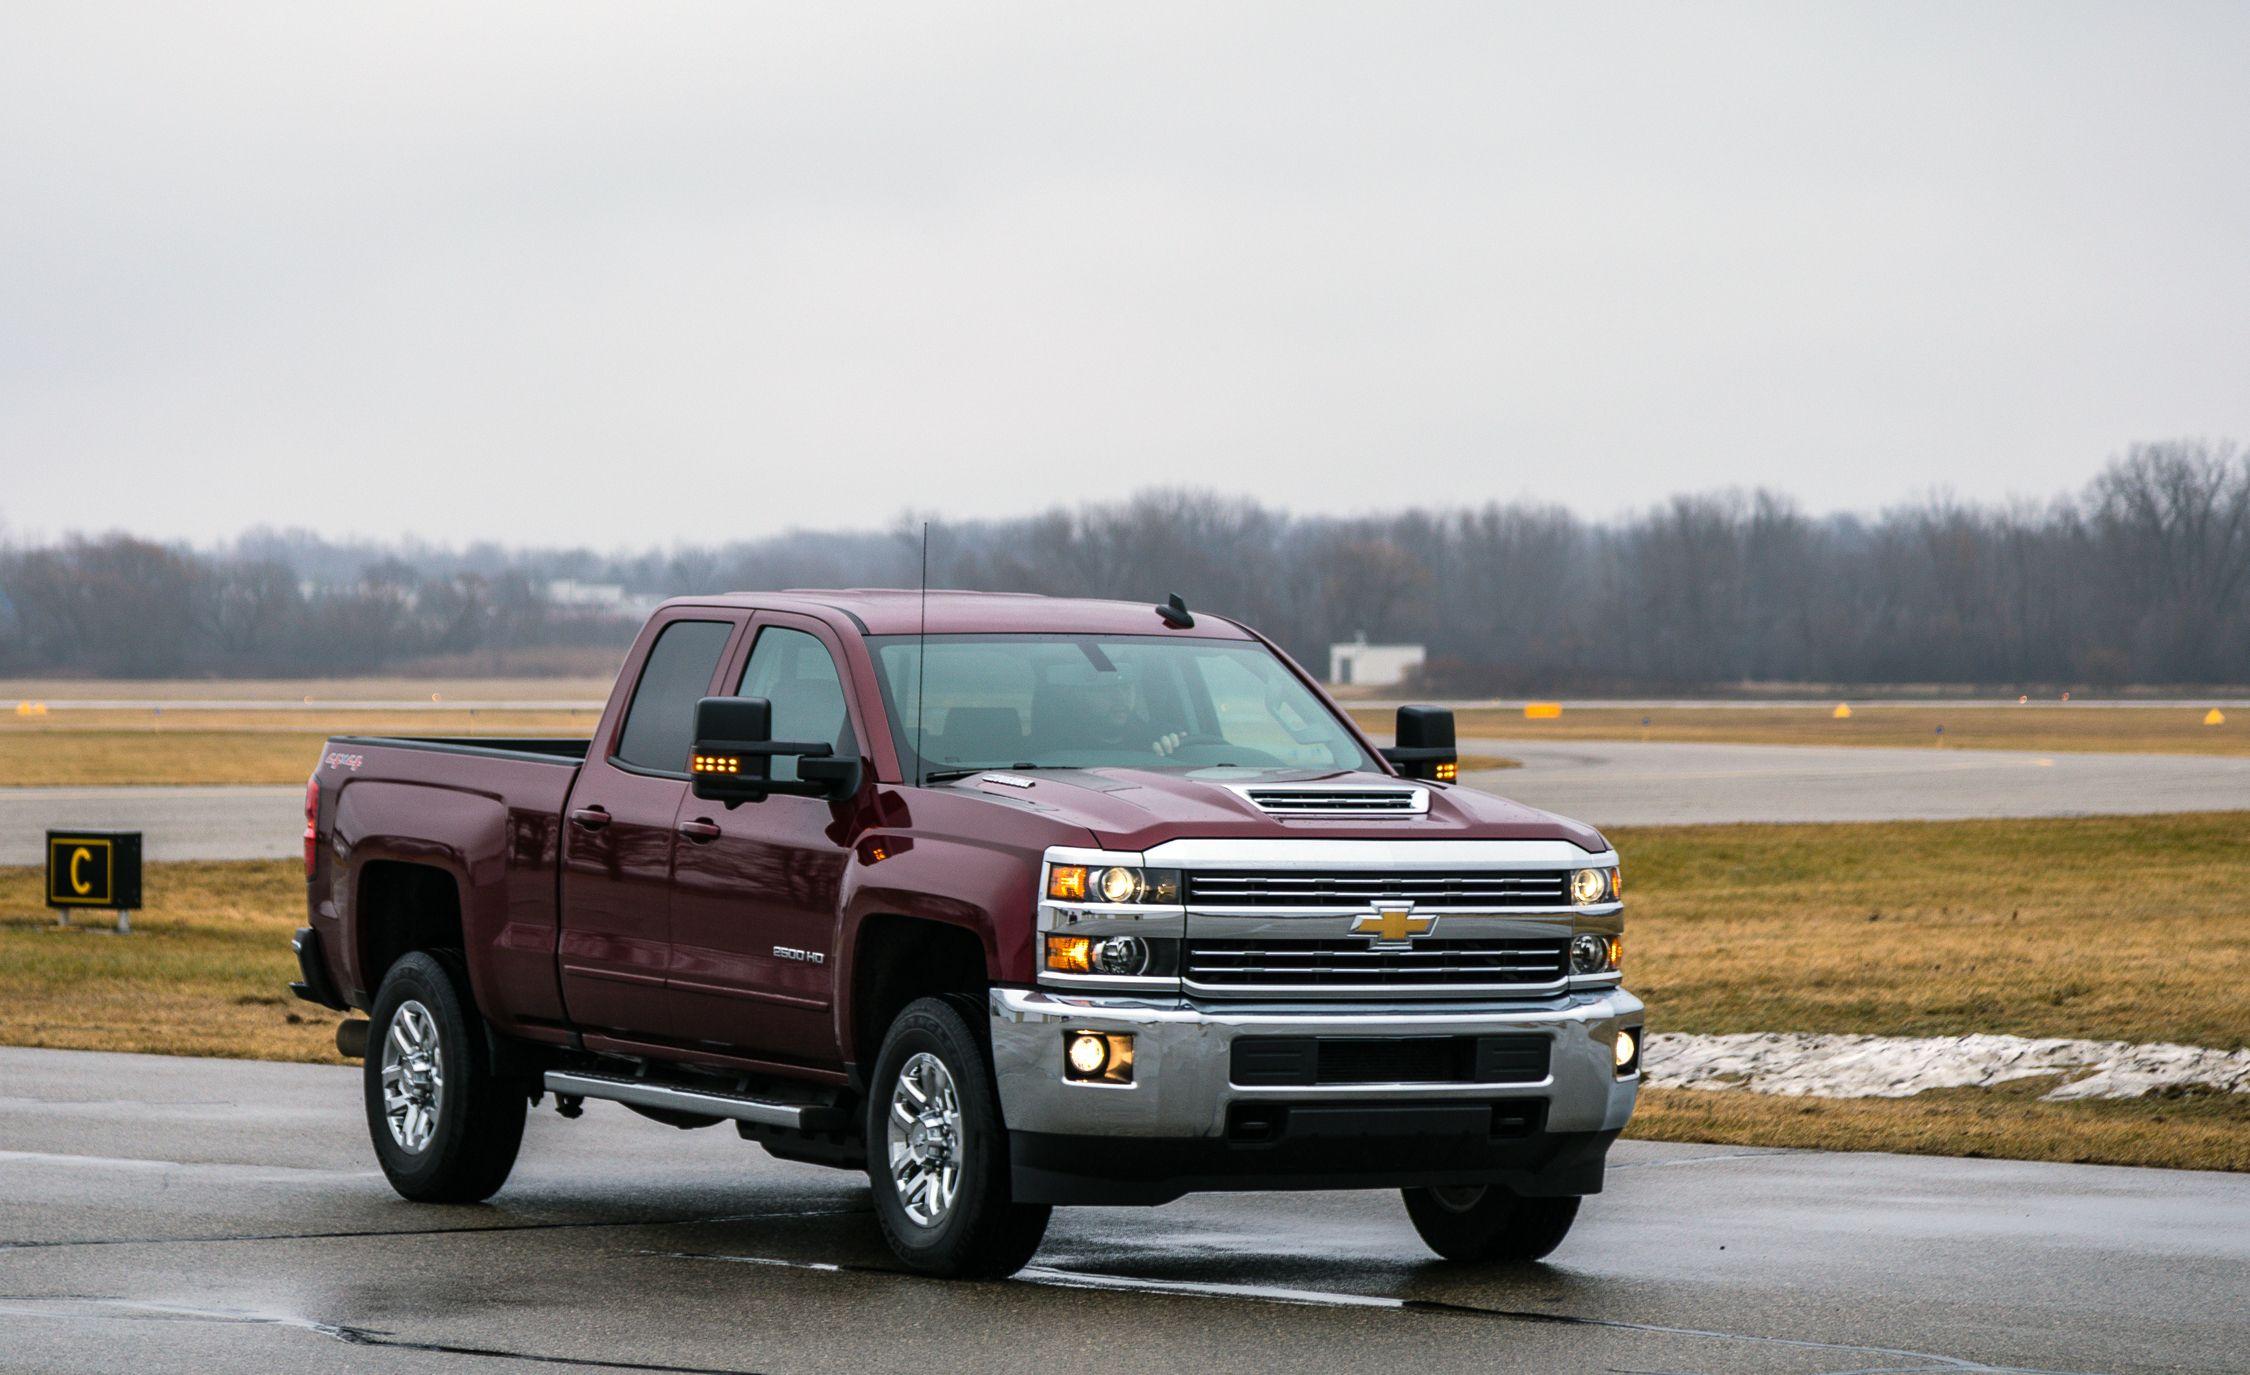 2017 Chevrolet Silverado 2500hd 3500hd Fuel Economy Review Car